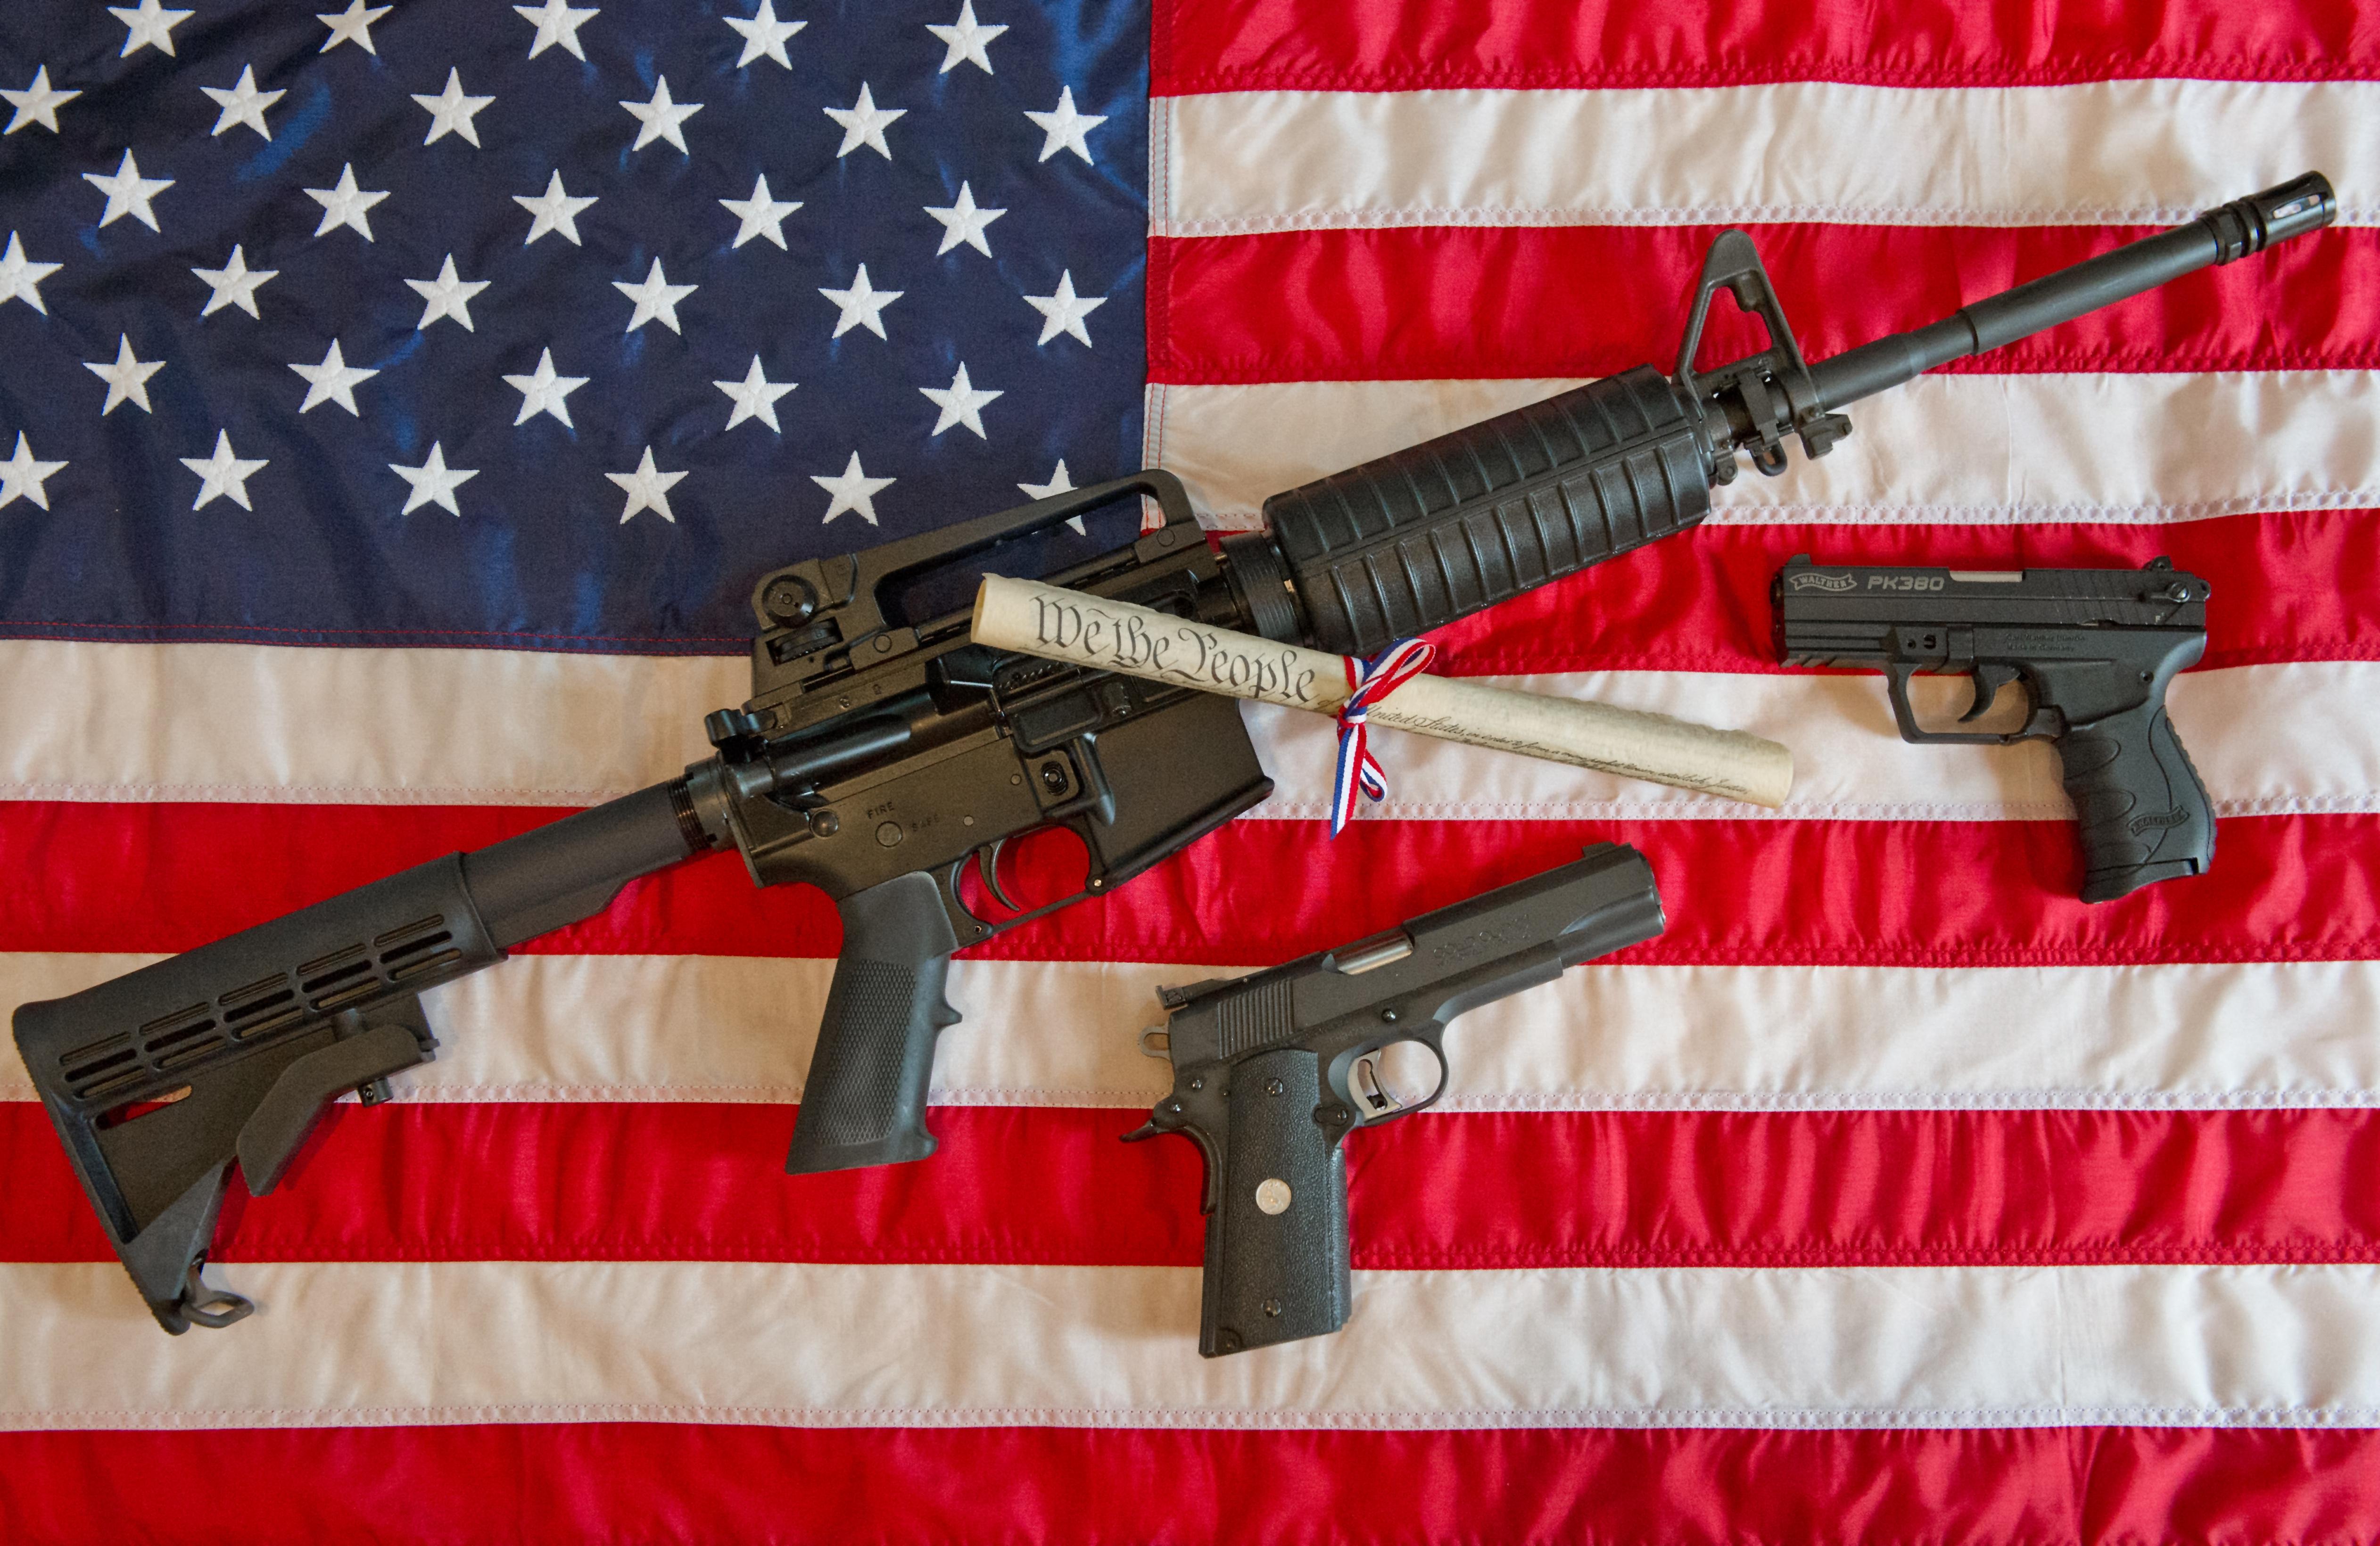 Úgy veszik a fegyvert az amerikaiak, mintha muszáj lenne